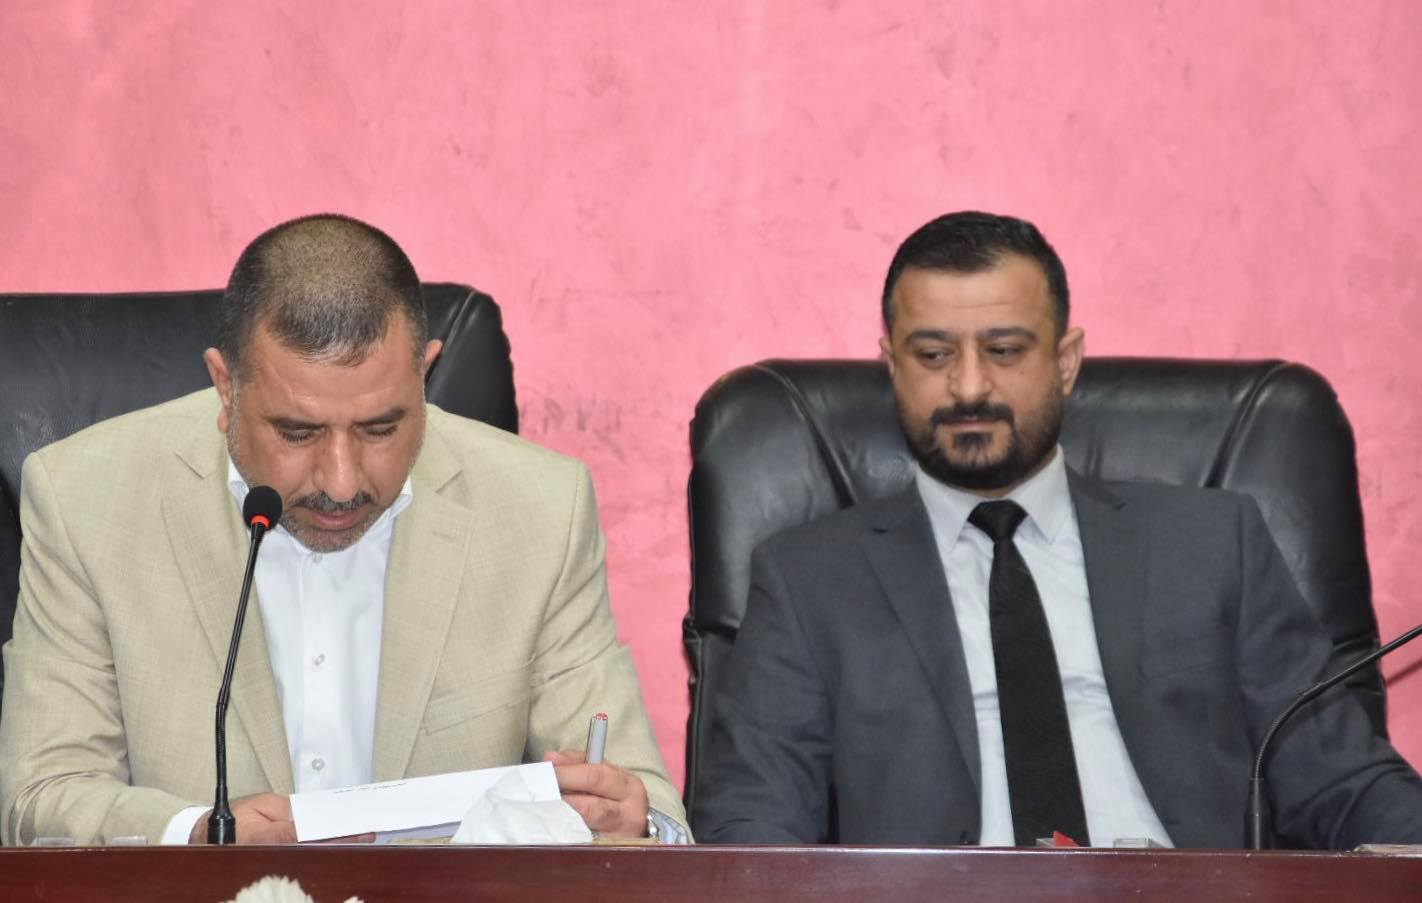 خلال جلسته الدورية : مجلس المحافظة يصوت بالتعاقد مع جميع الأجور اليومية فورا في دوائر البلدية والماء والمجاري المنقولة الصلاحية